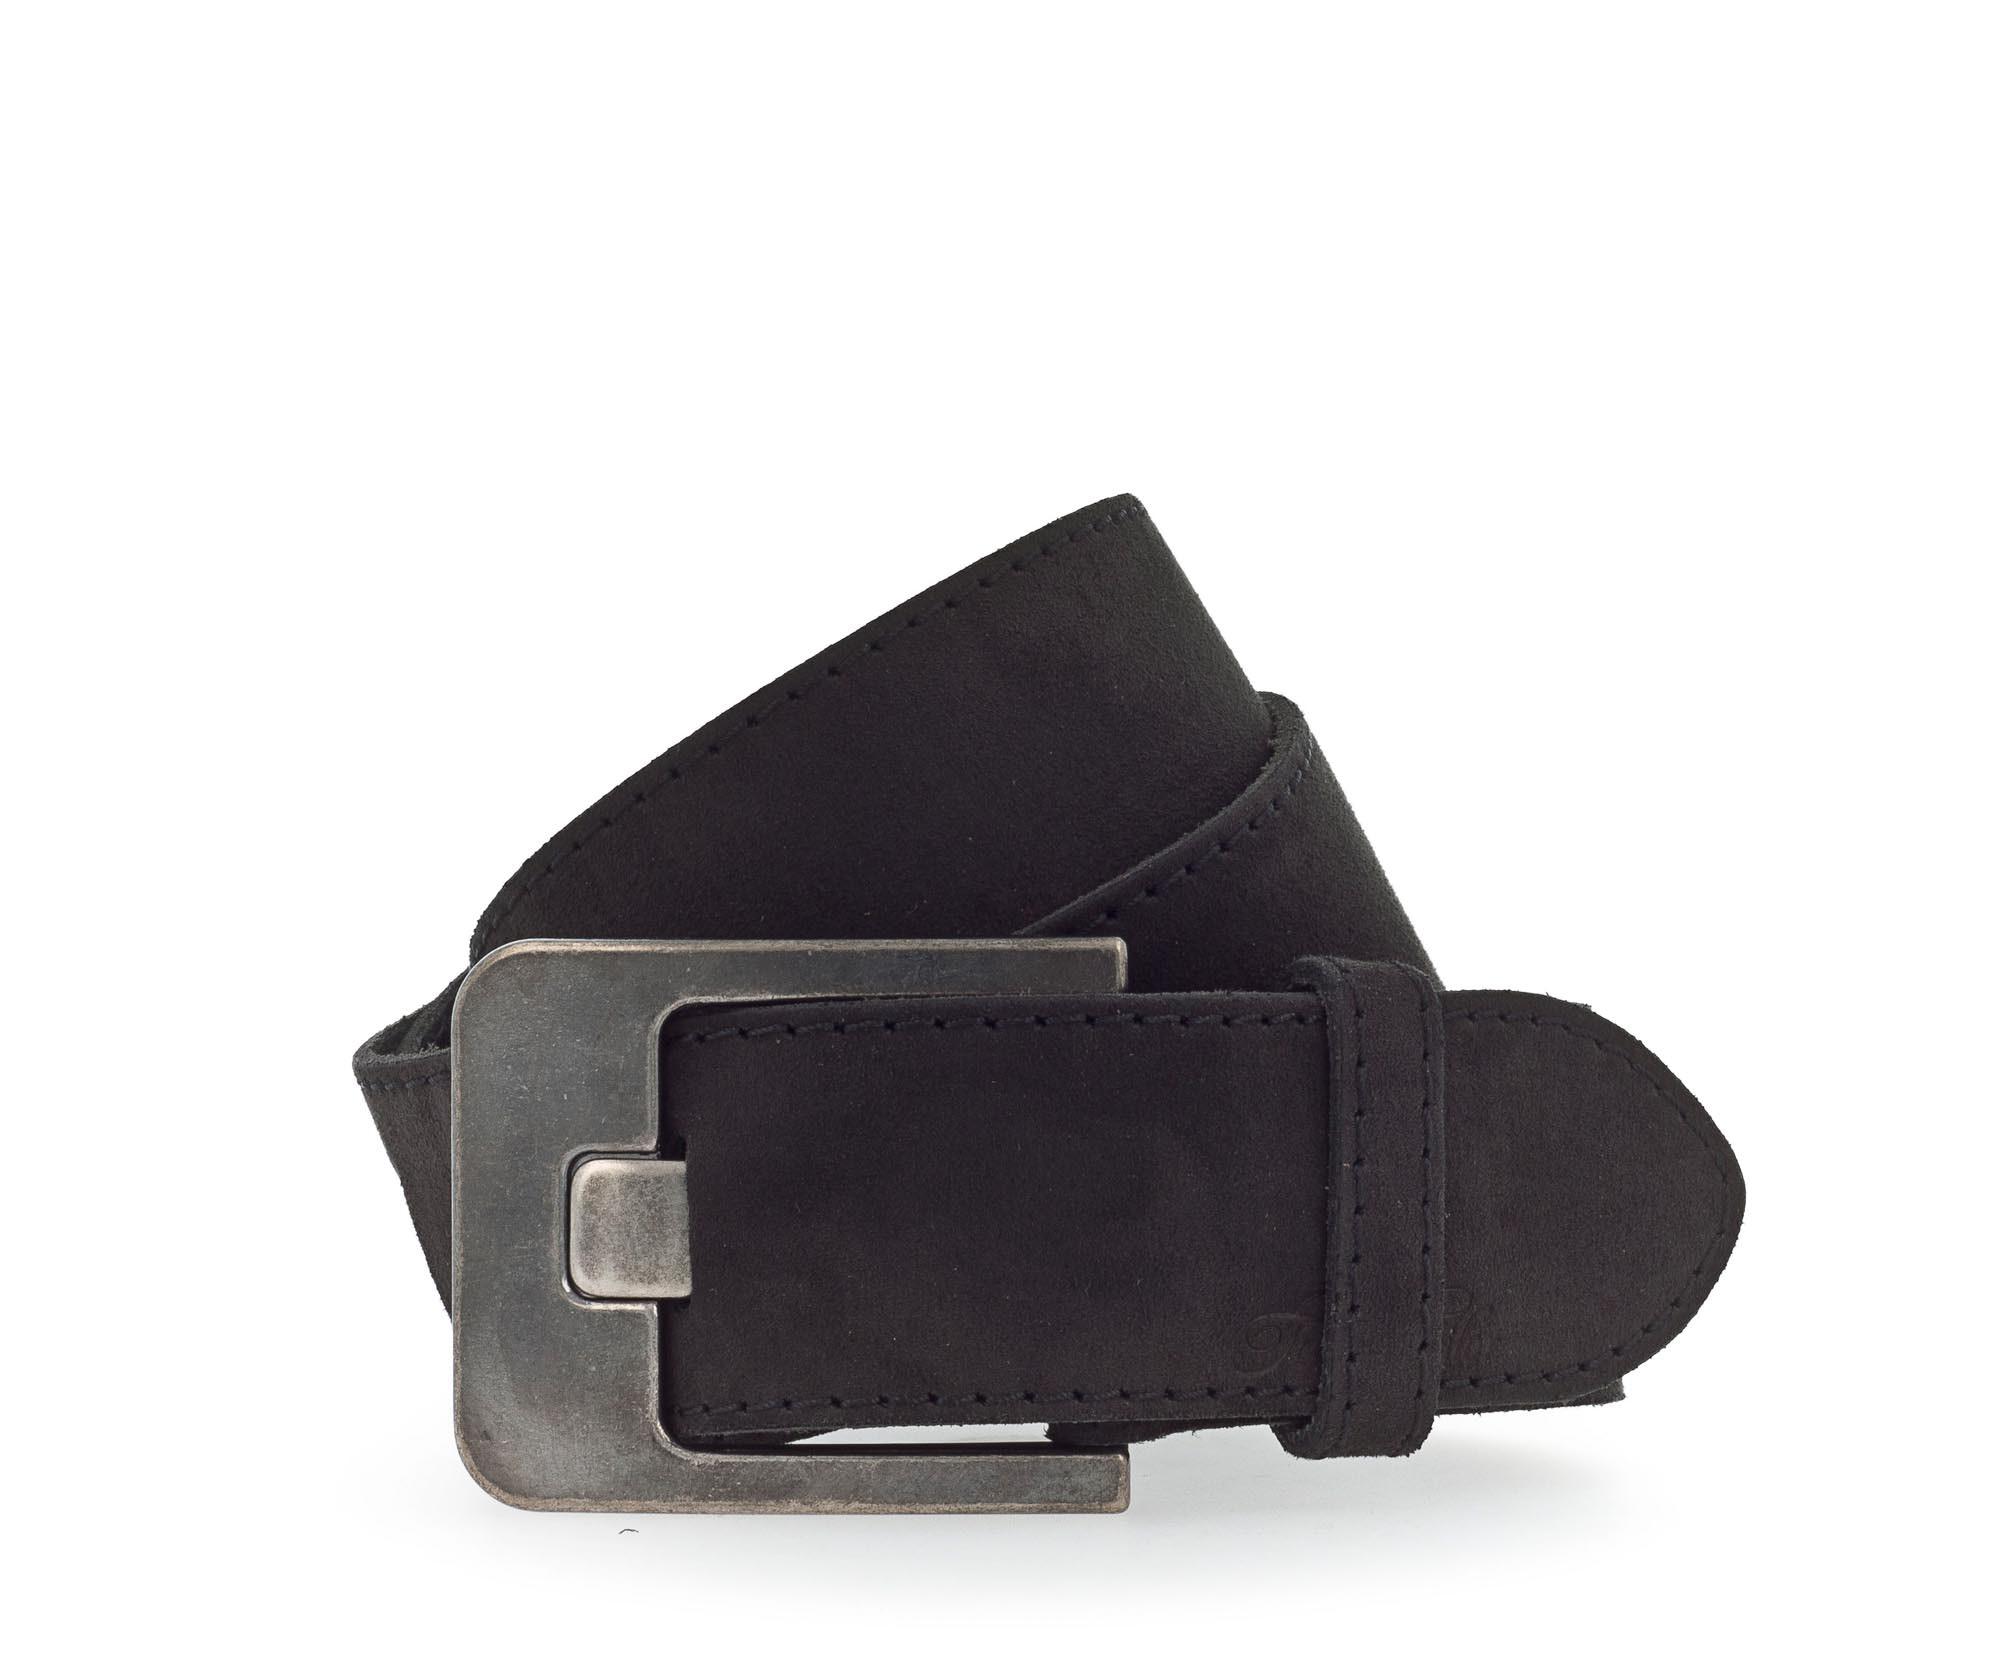 40mm Gürtel Q. 6309, schwarz